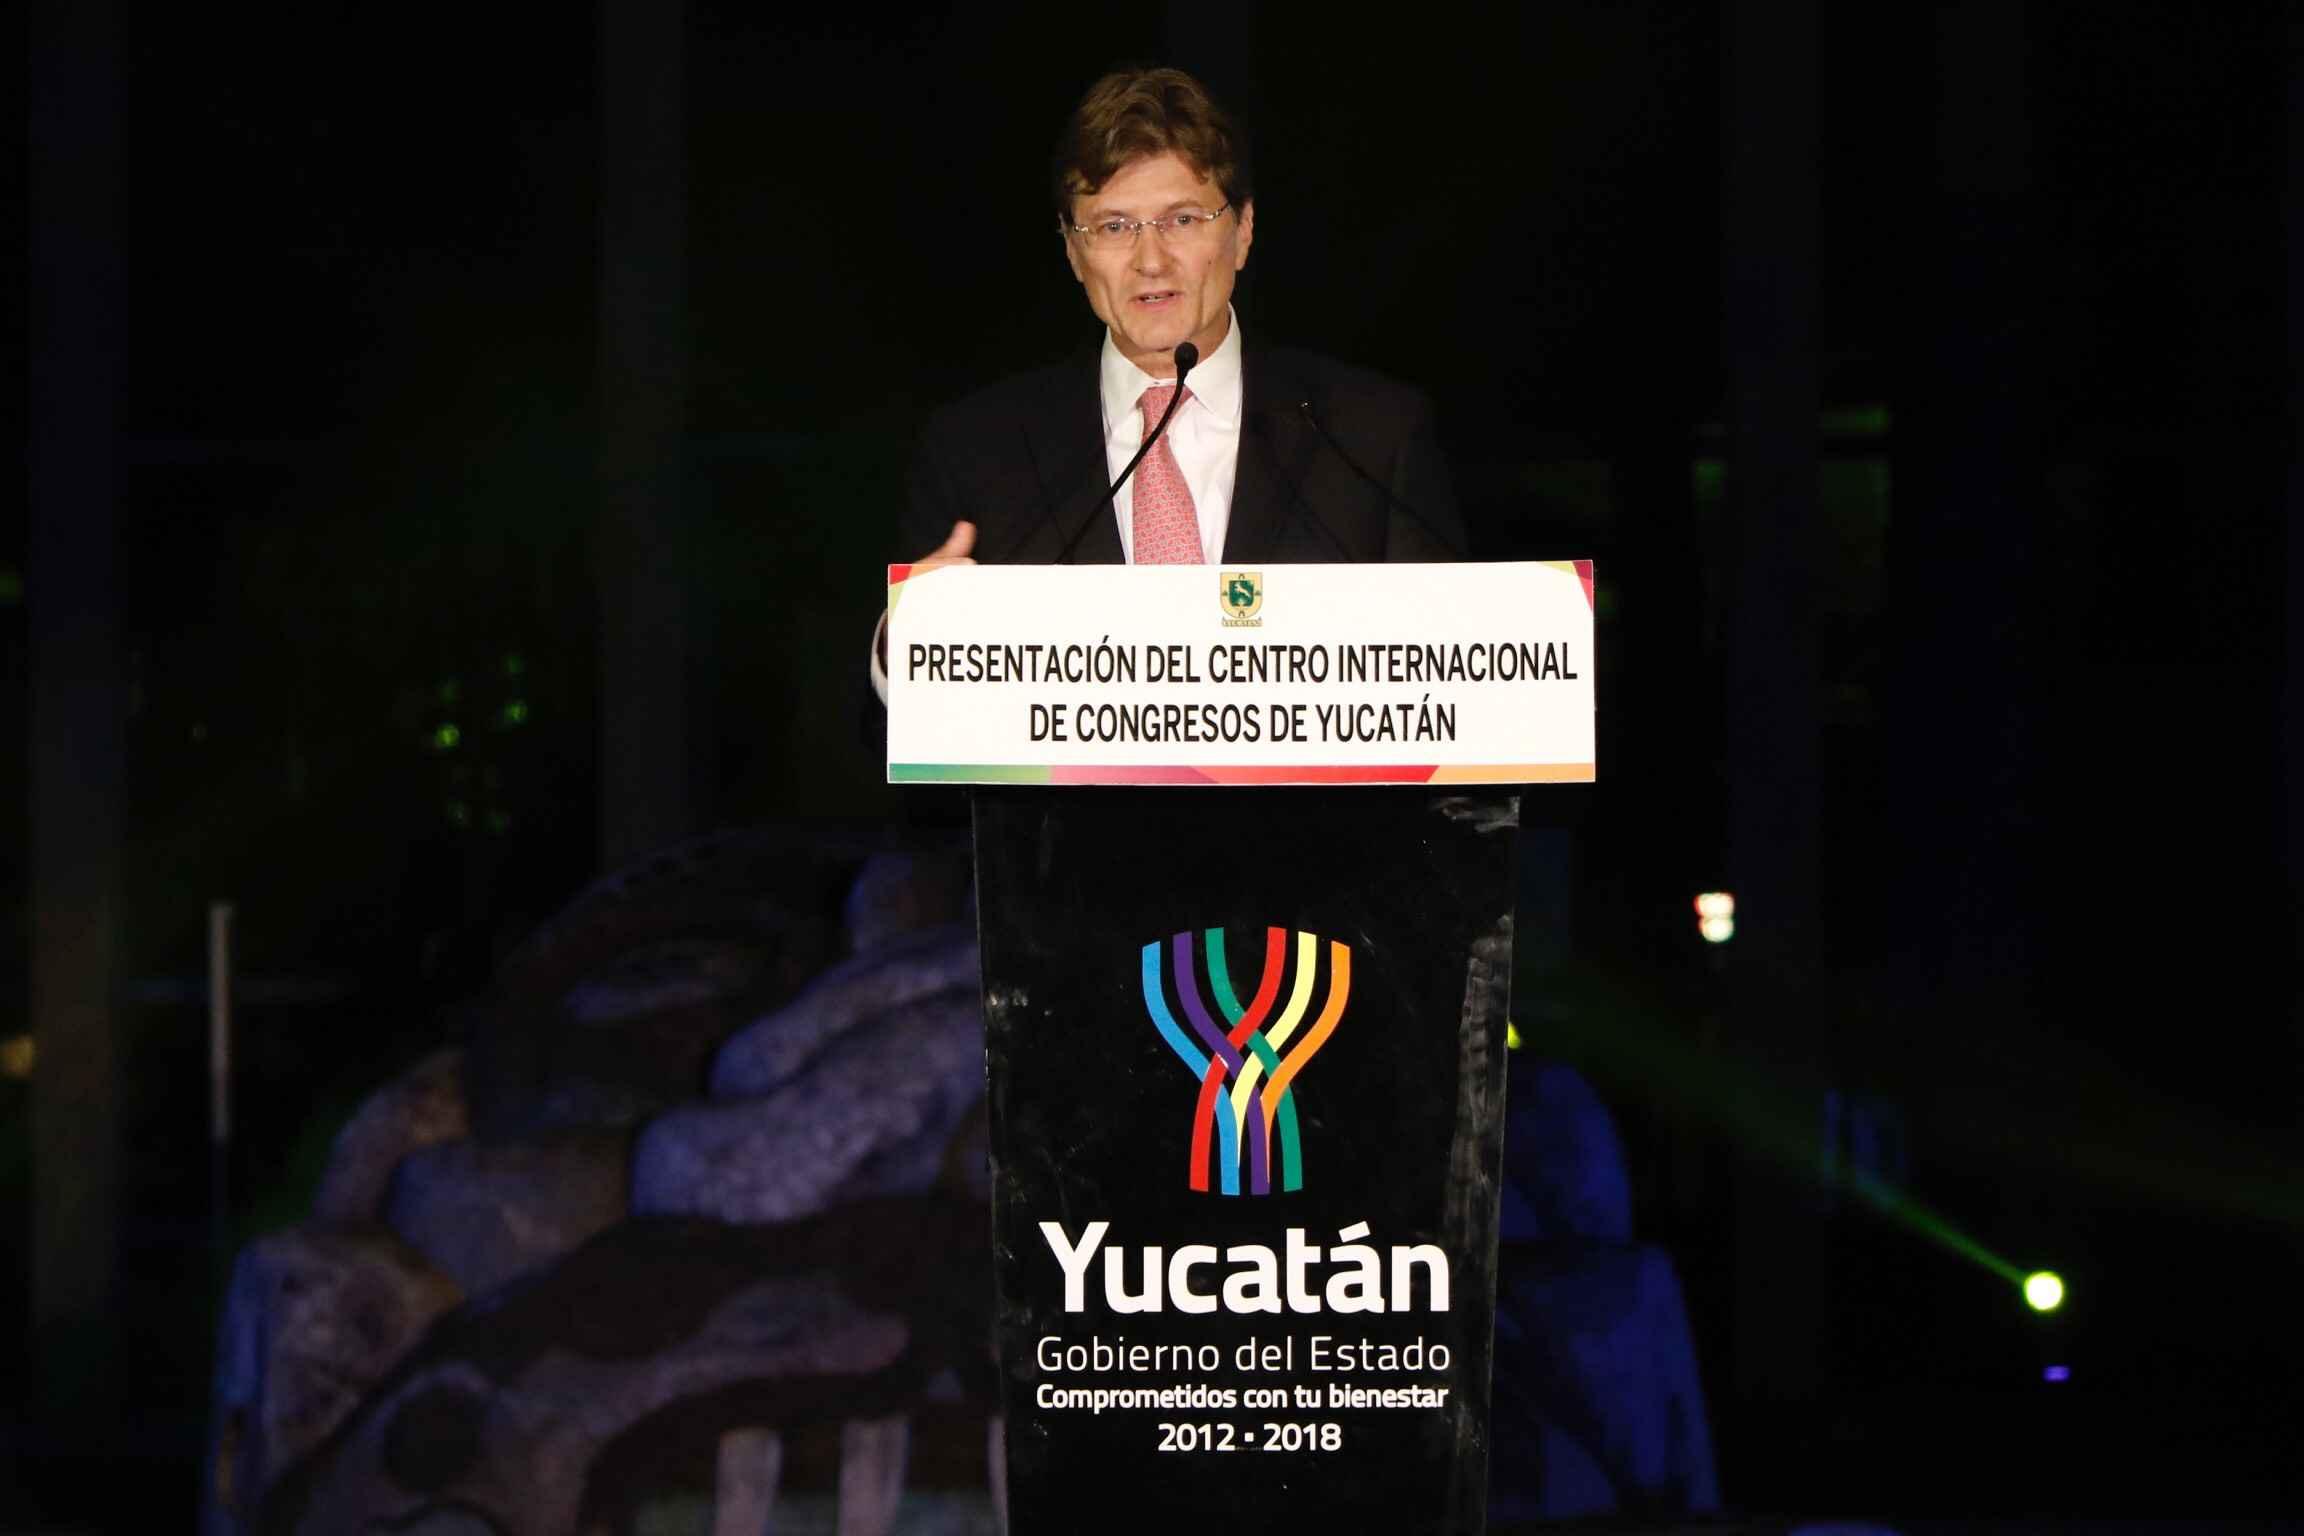 Turismo de congresos es oportunidad para el país: Sectur